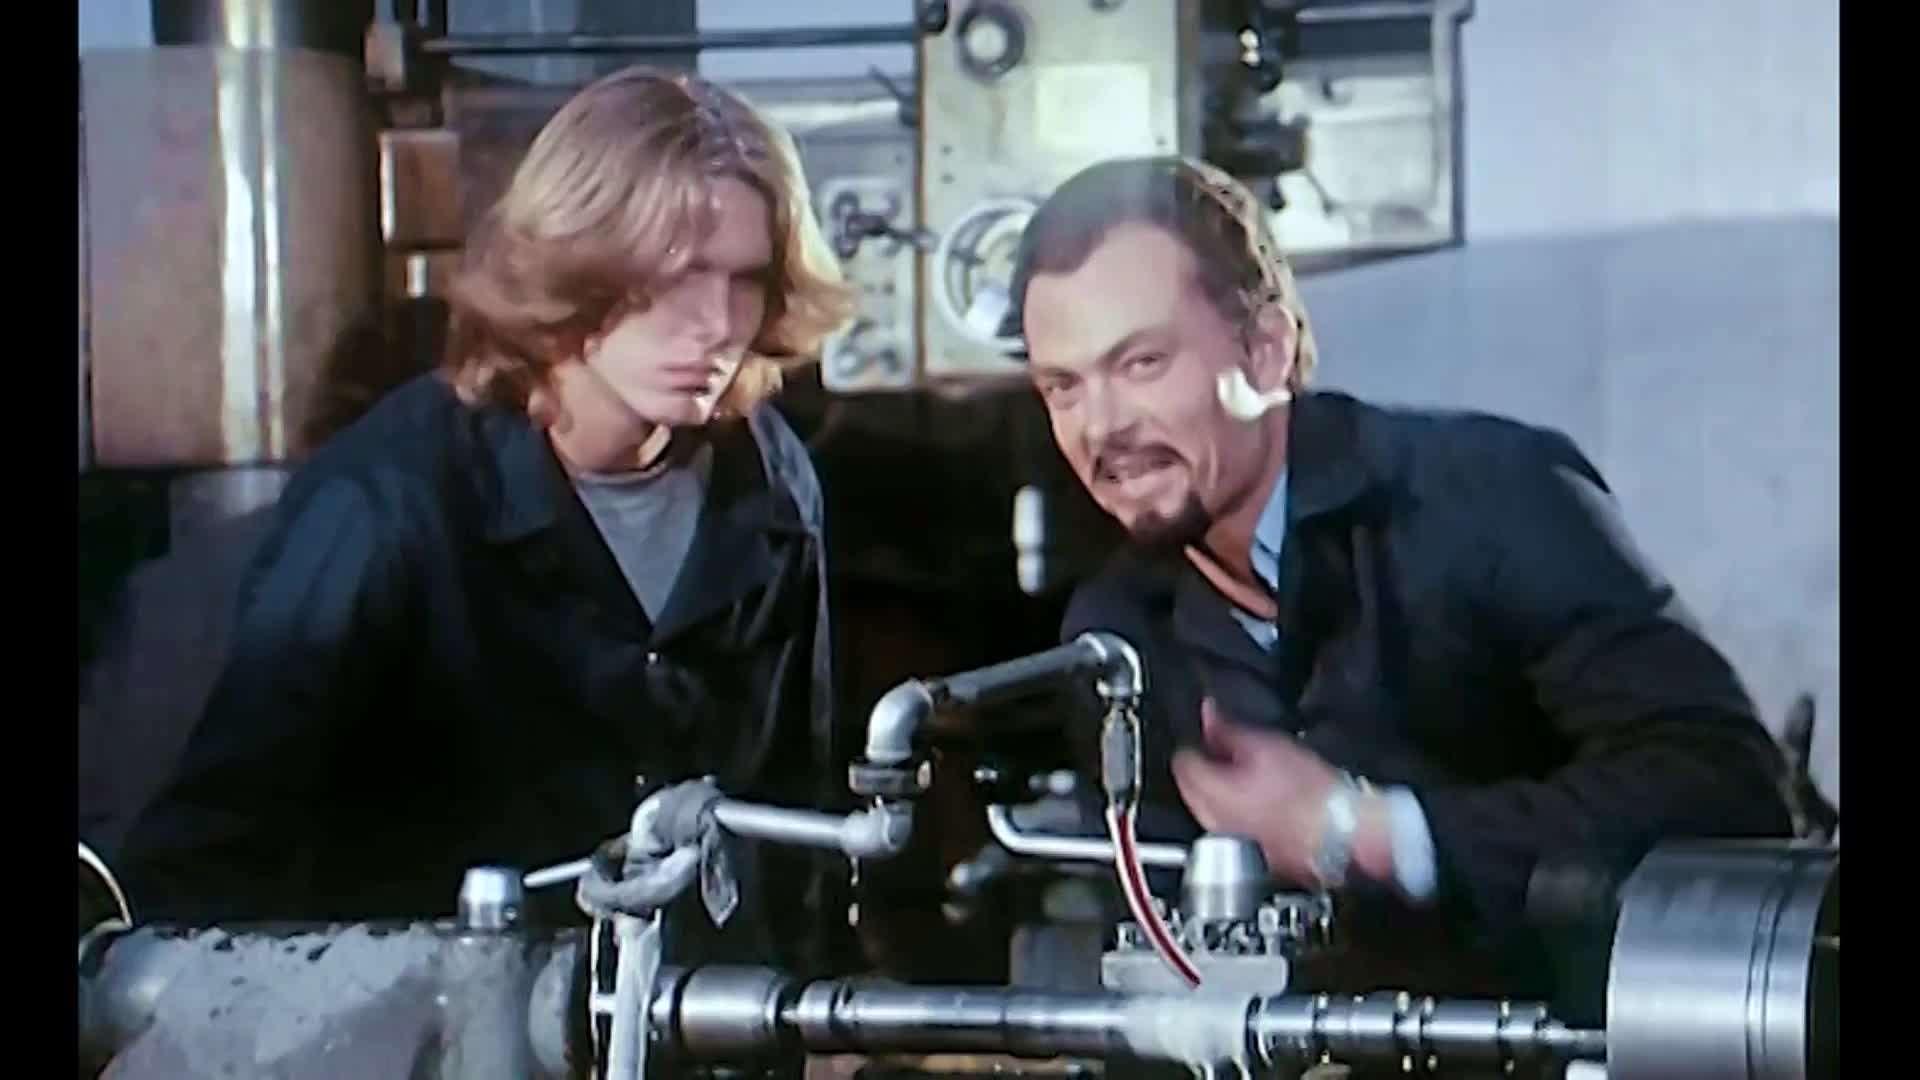 [فيلم][تورنت][تحميل][النمر الأسود][1984][1080p][Web-DL] 7 arabp2p.com